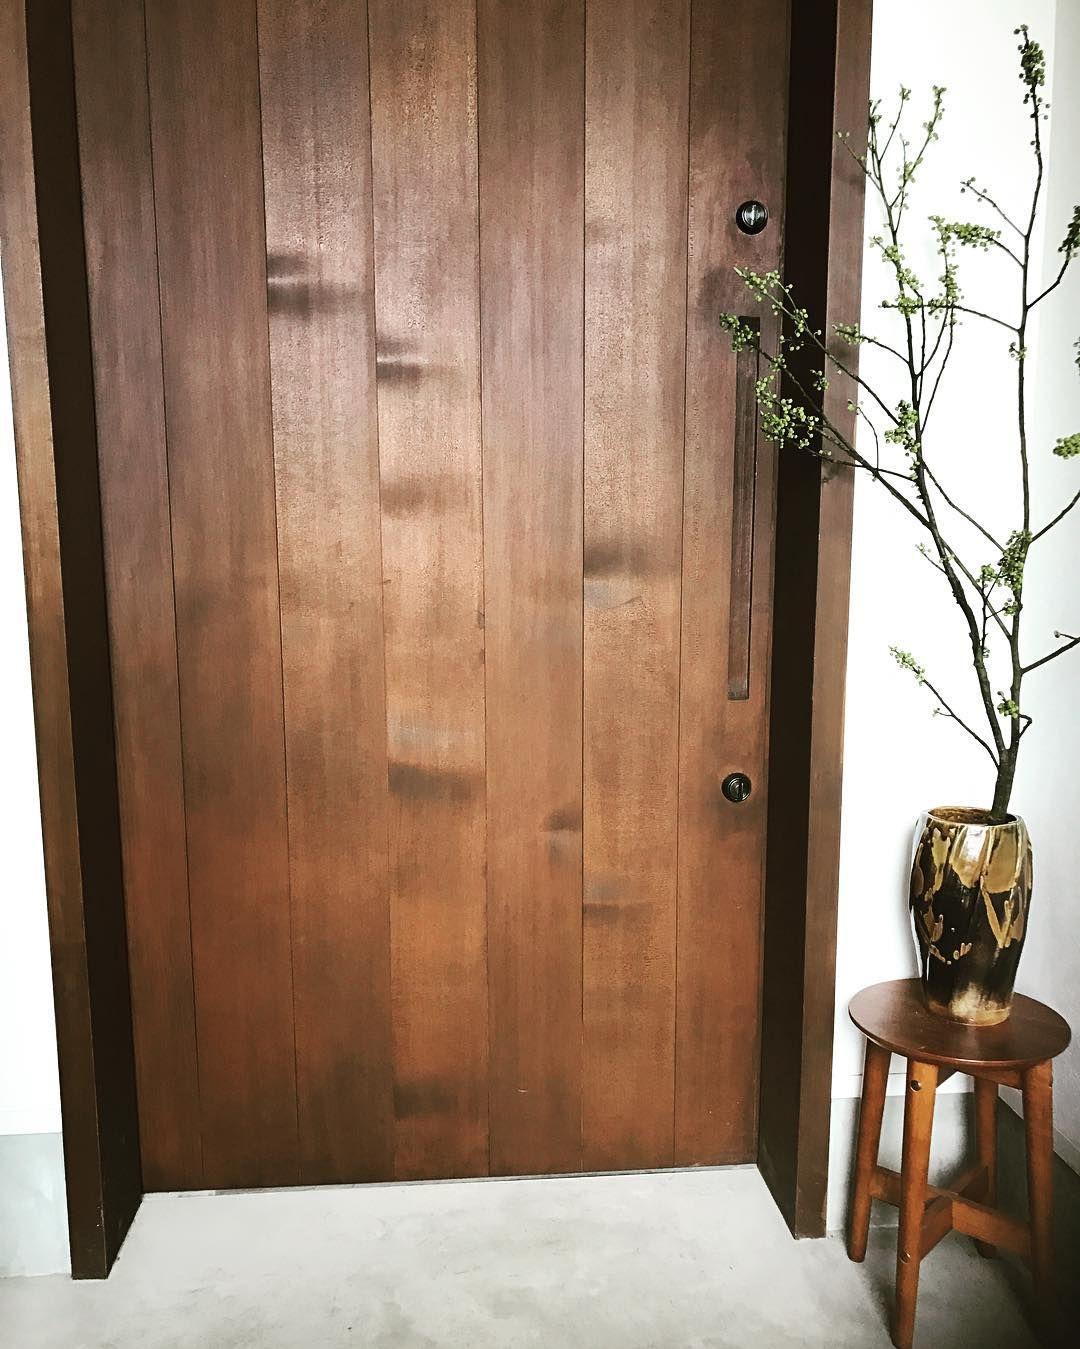 玄関 木製の玄関引き戸です 木製で大きくて開けるのに力がいりそう